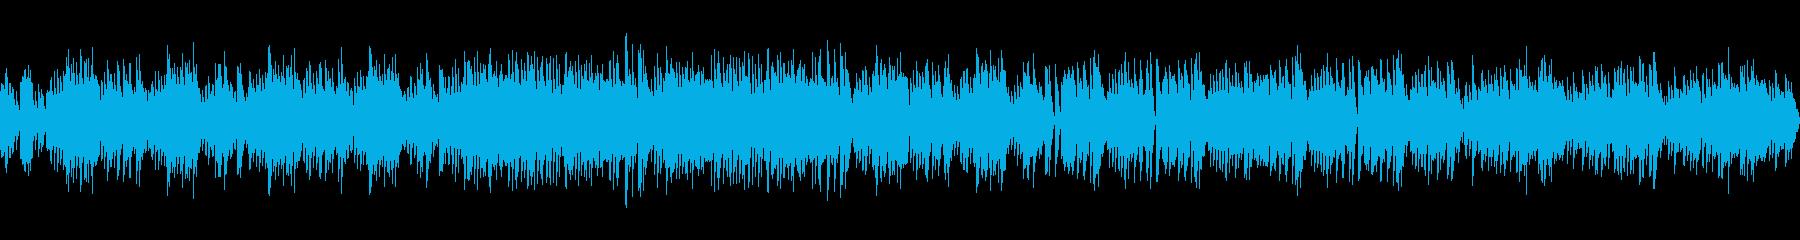 ウィーピング・ウィロー_オルゴールverの再生済みの波形